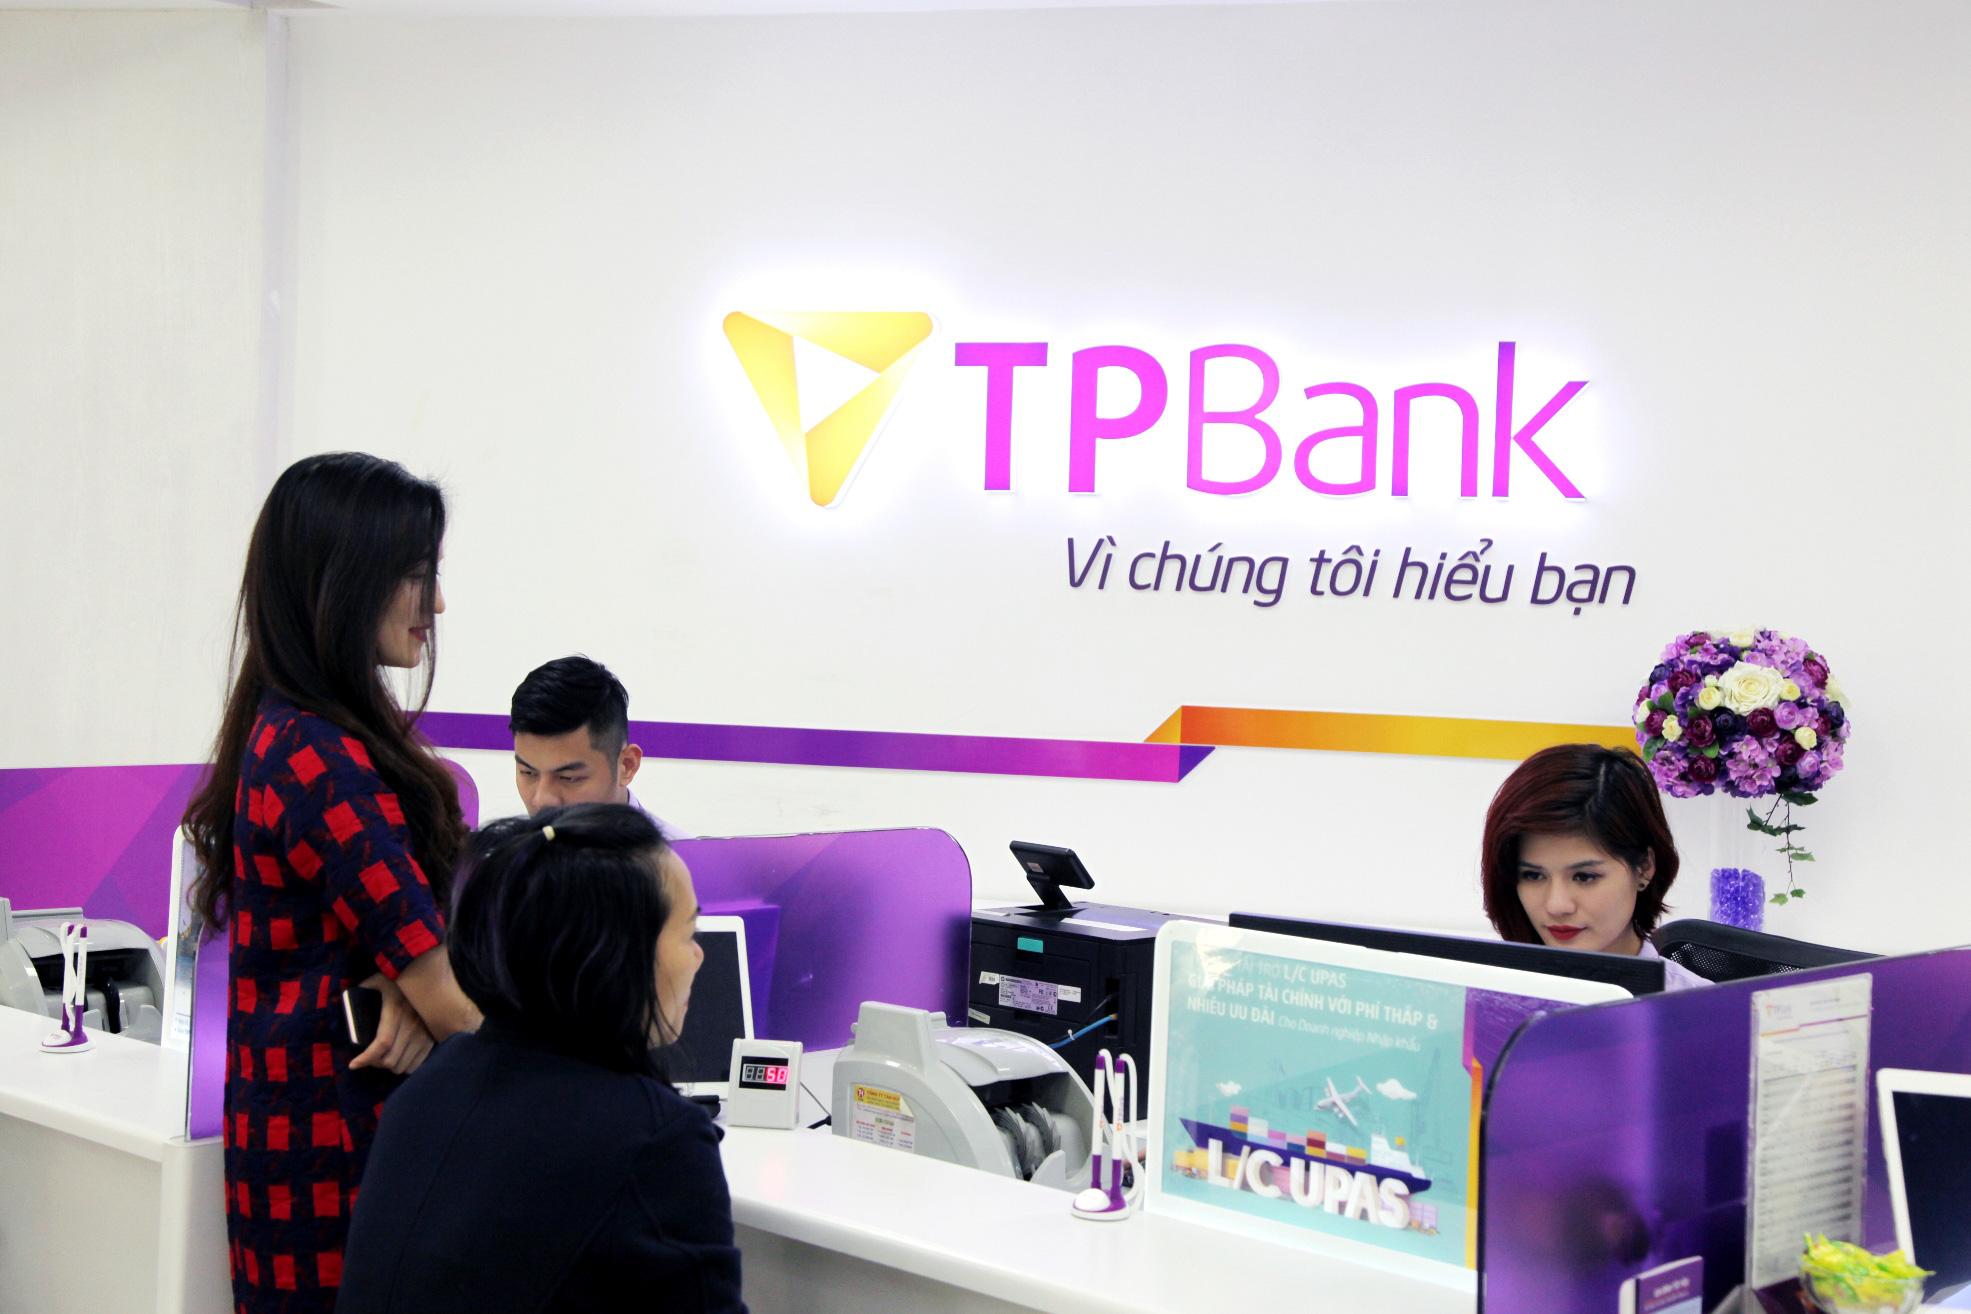 Lãi suất ngân hàng TPBank mới nhất tháng 11/2019: Cao nhất là 8,6%/năm - Ảnh 1.